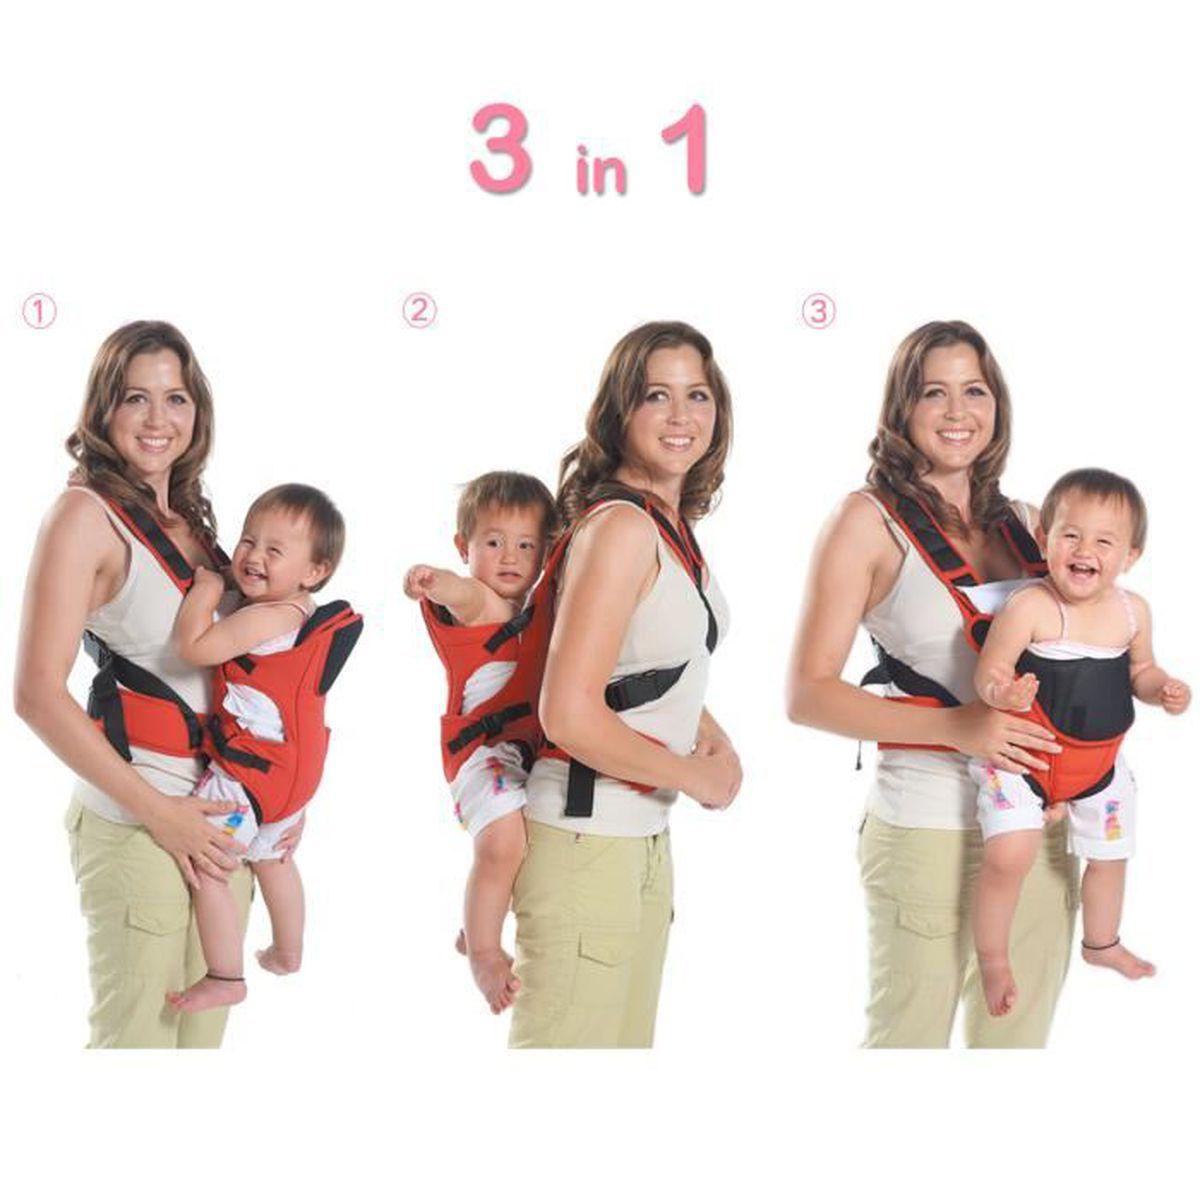 e5a4c41303d MixMart 3-en-1 Porte-bébé Ventral Dorsal Ergonomique Tissu Respirant  Multifonctionnel avec Bavoir pour Bébé de 3